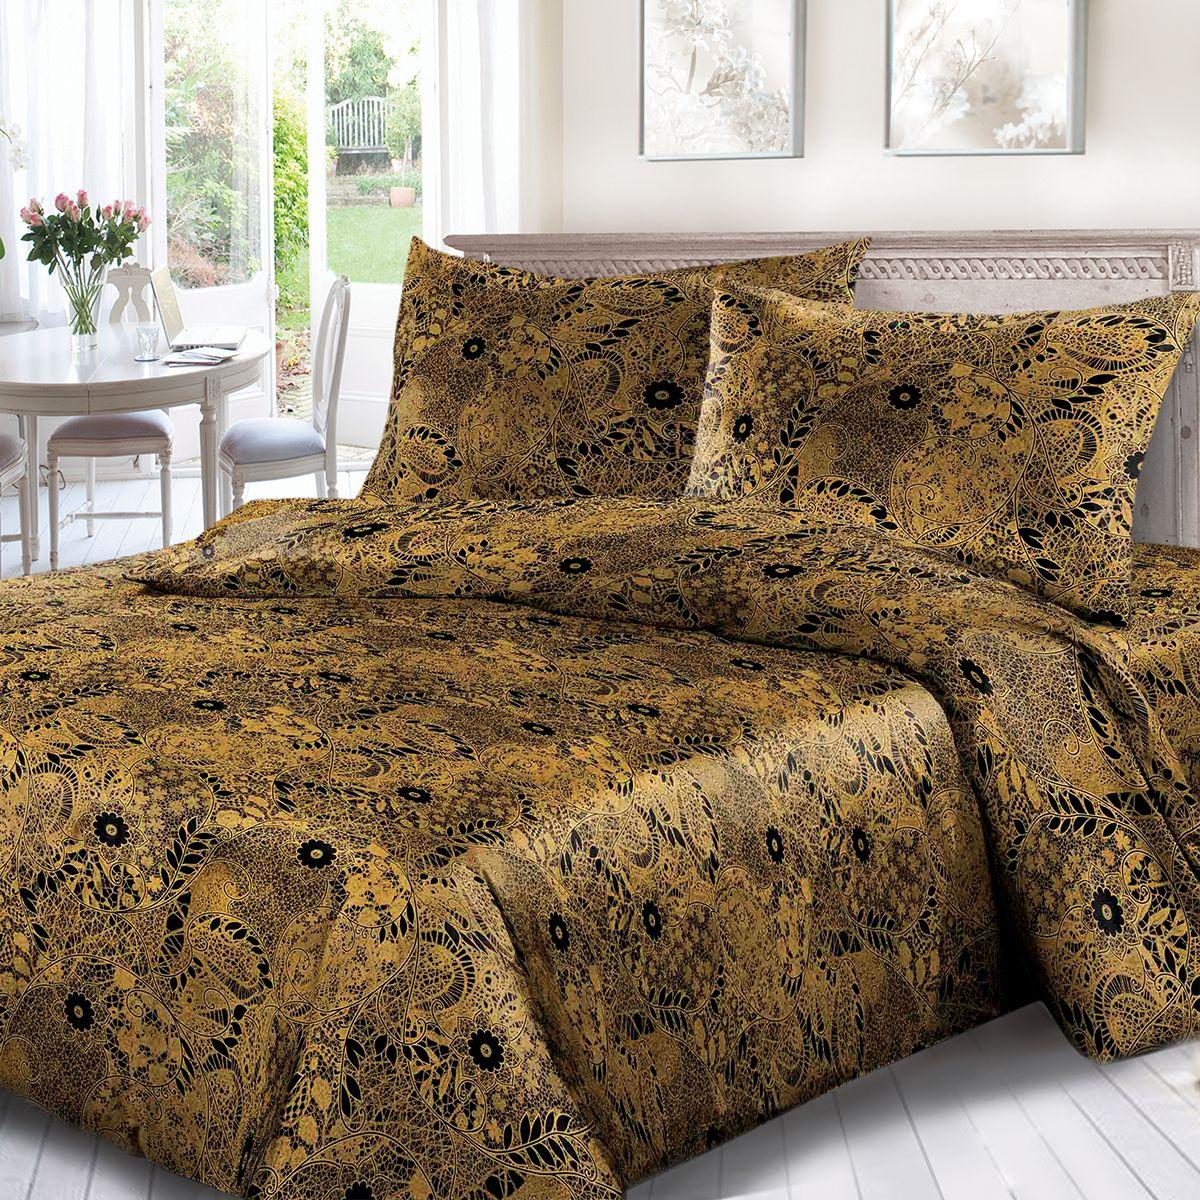 Комплект белья Сорренто Кружево, евро, наволочки 70x70, цвет: коричневый. 1698-189088